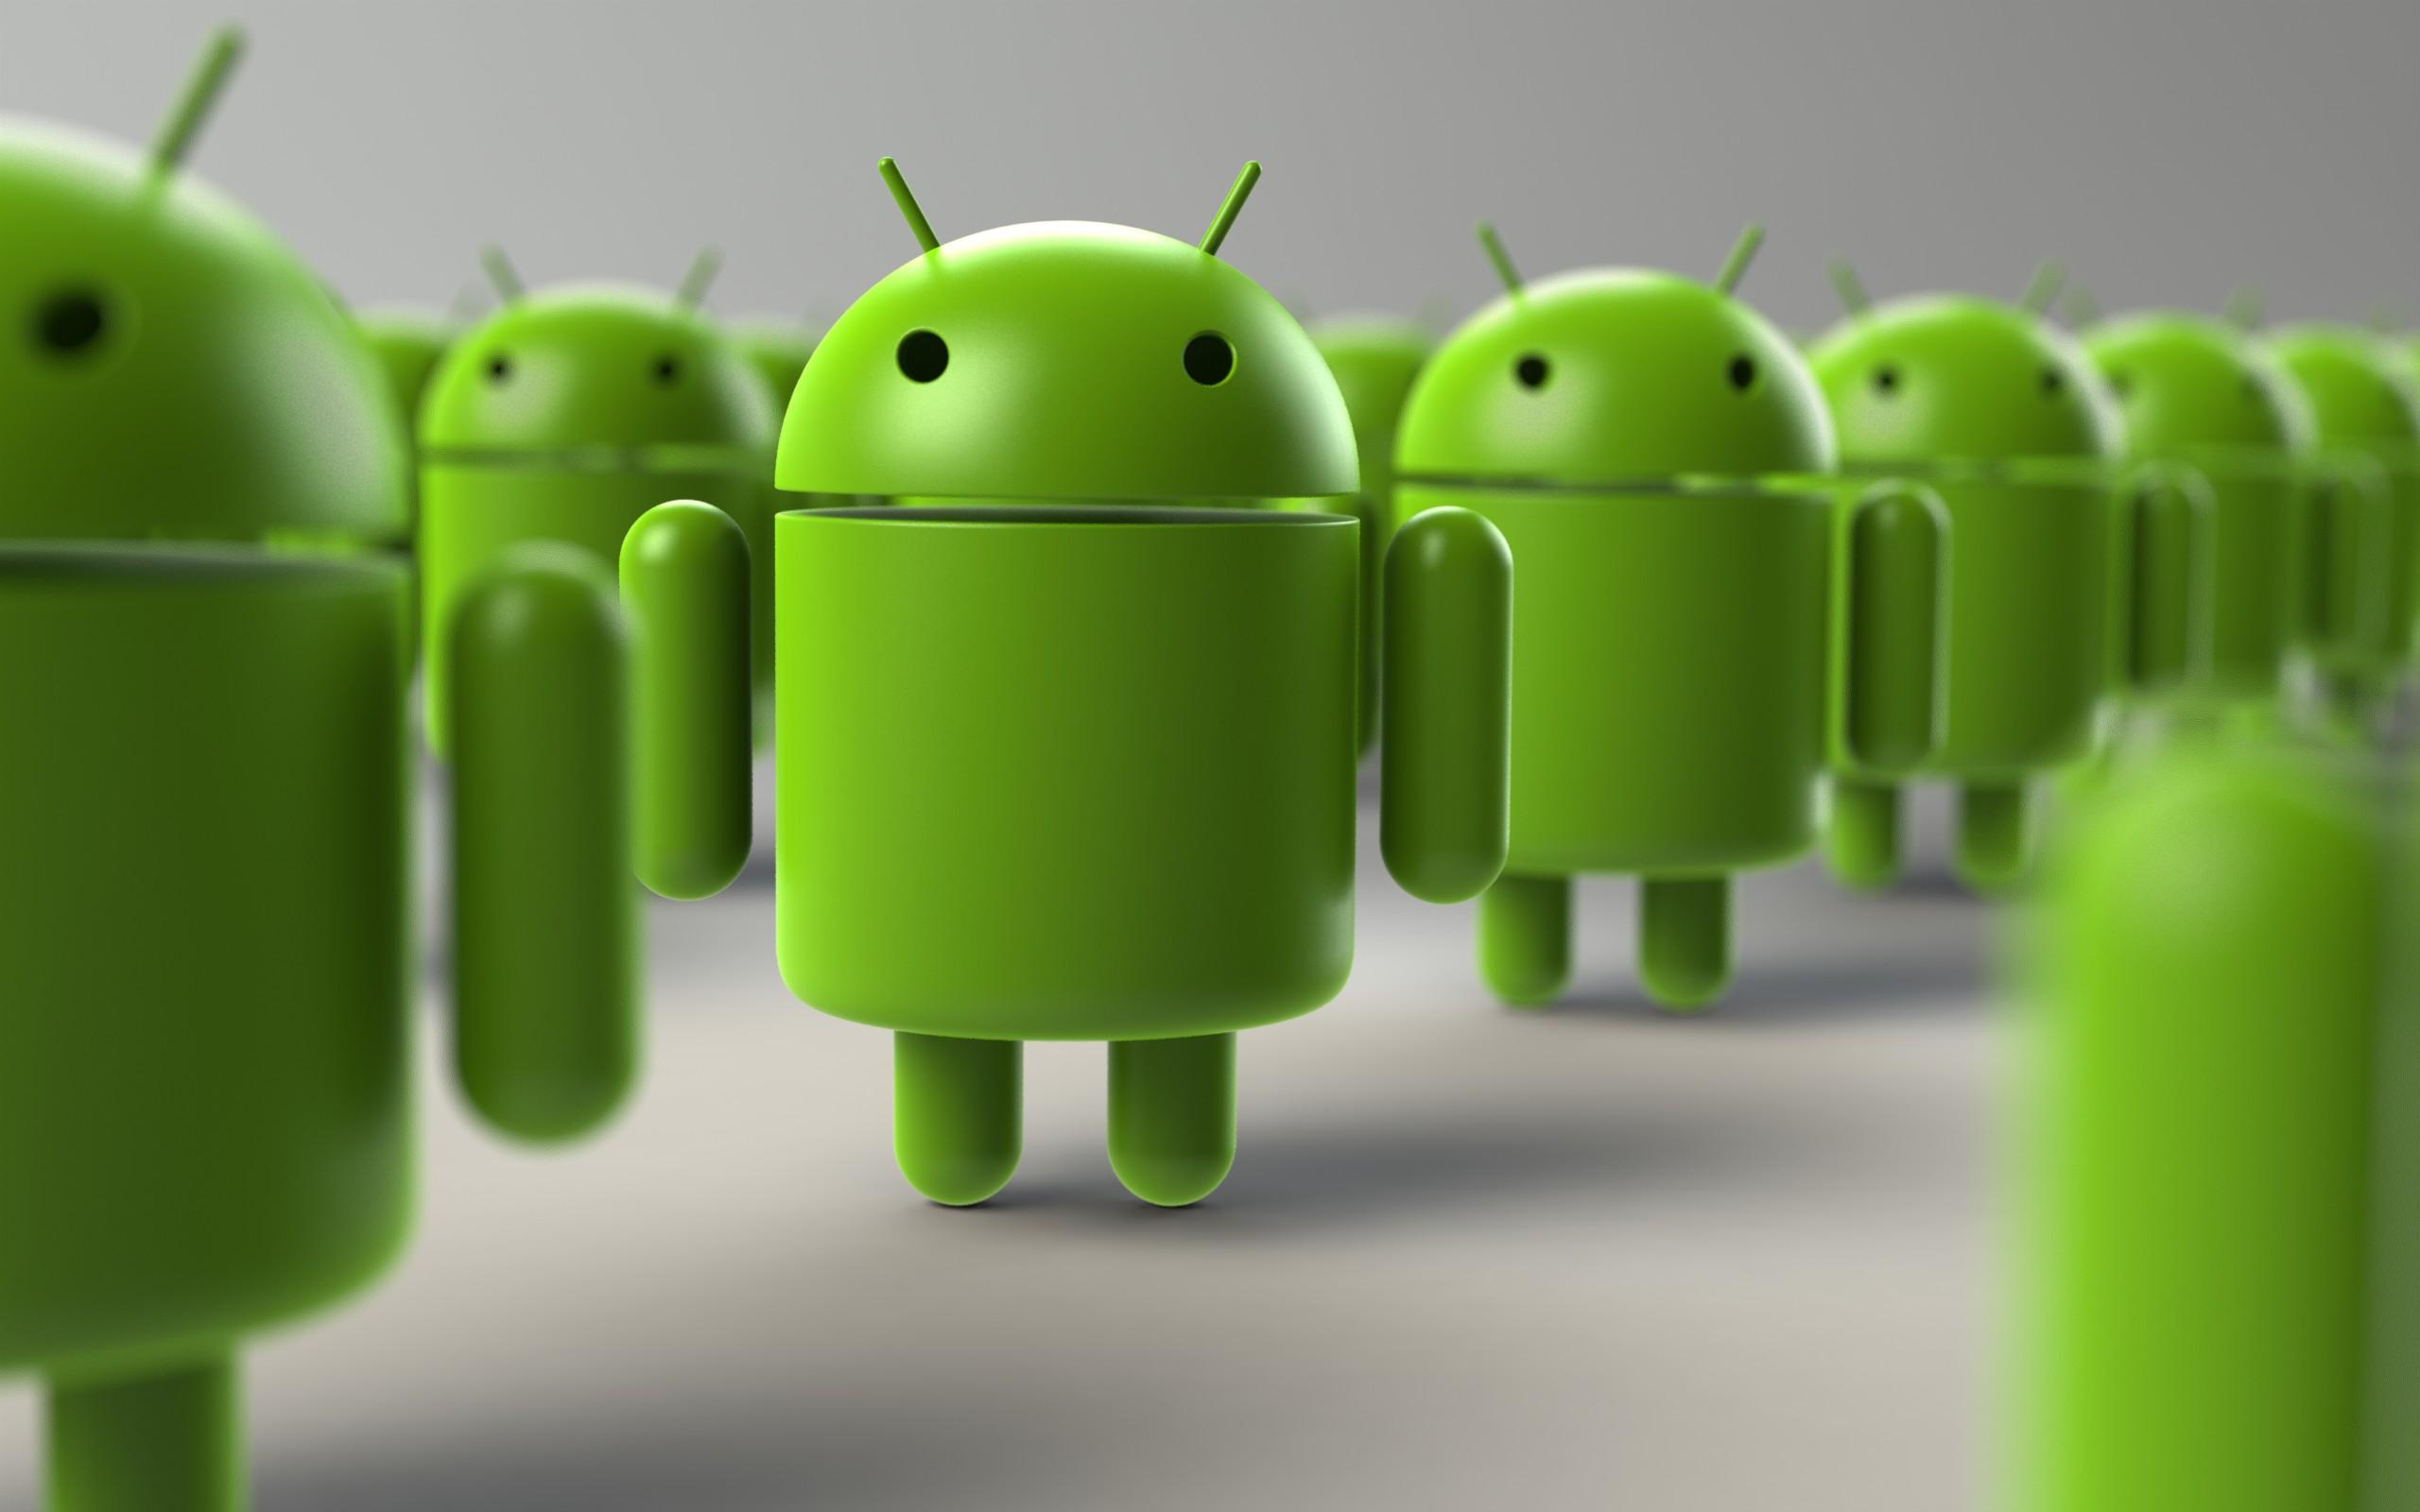 Появился эксплоит Drammer, позволяющий реализовать Rowhammer-атаку на Android